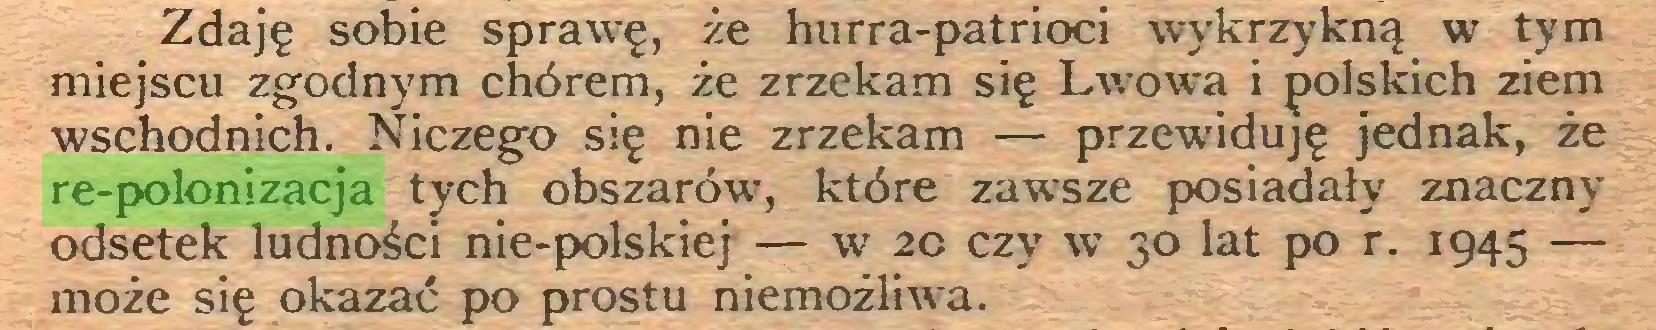 (...) Zdaję sobie sprawę, że hurra-patrioci wykrzykną w tym miejscu zgodnym chórem, że zrzekam się Lwowa i polskich ziem wschodnich. Niczego się nie zrzekam — przewiduję jednak, że re-polonizacja tych obszarów, które zawsze posiadały znaczny odsetek ludności nie-polskiej — w 20 czy w 30 lat po r. 1945 — może się okazać po prostu niemożliwa...